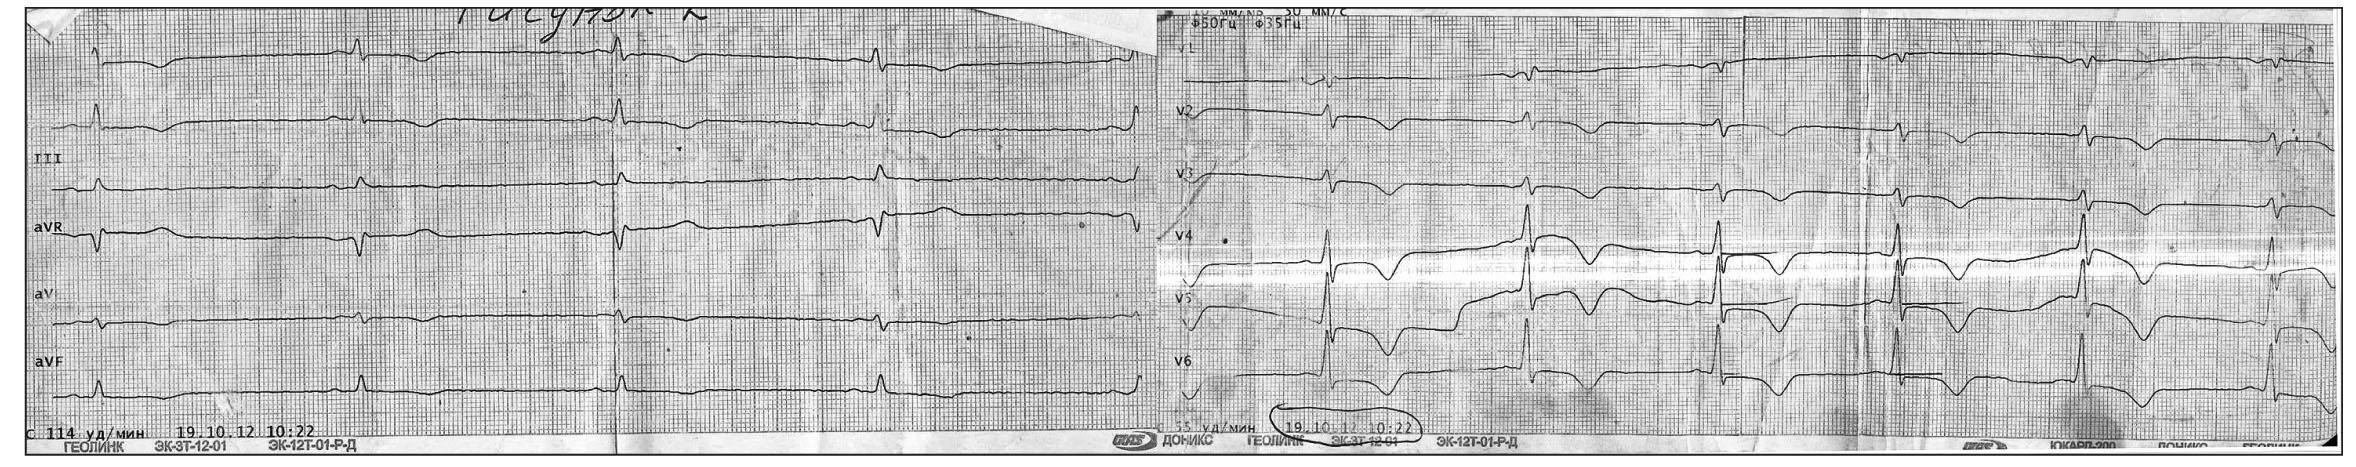 Рис. 3. ЭКГ больного П., 2013 г. Синусовый ритм. Отрицательные зубцы Т до 2 мм в отведениях I, II, aVF и до 6 мм в отведениях V2-V6.  Укорочение интервала PQ до 100 мс